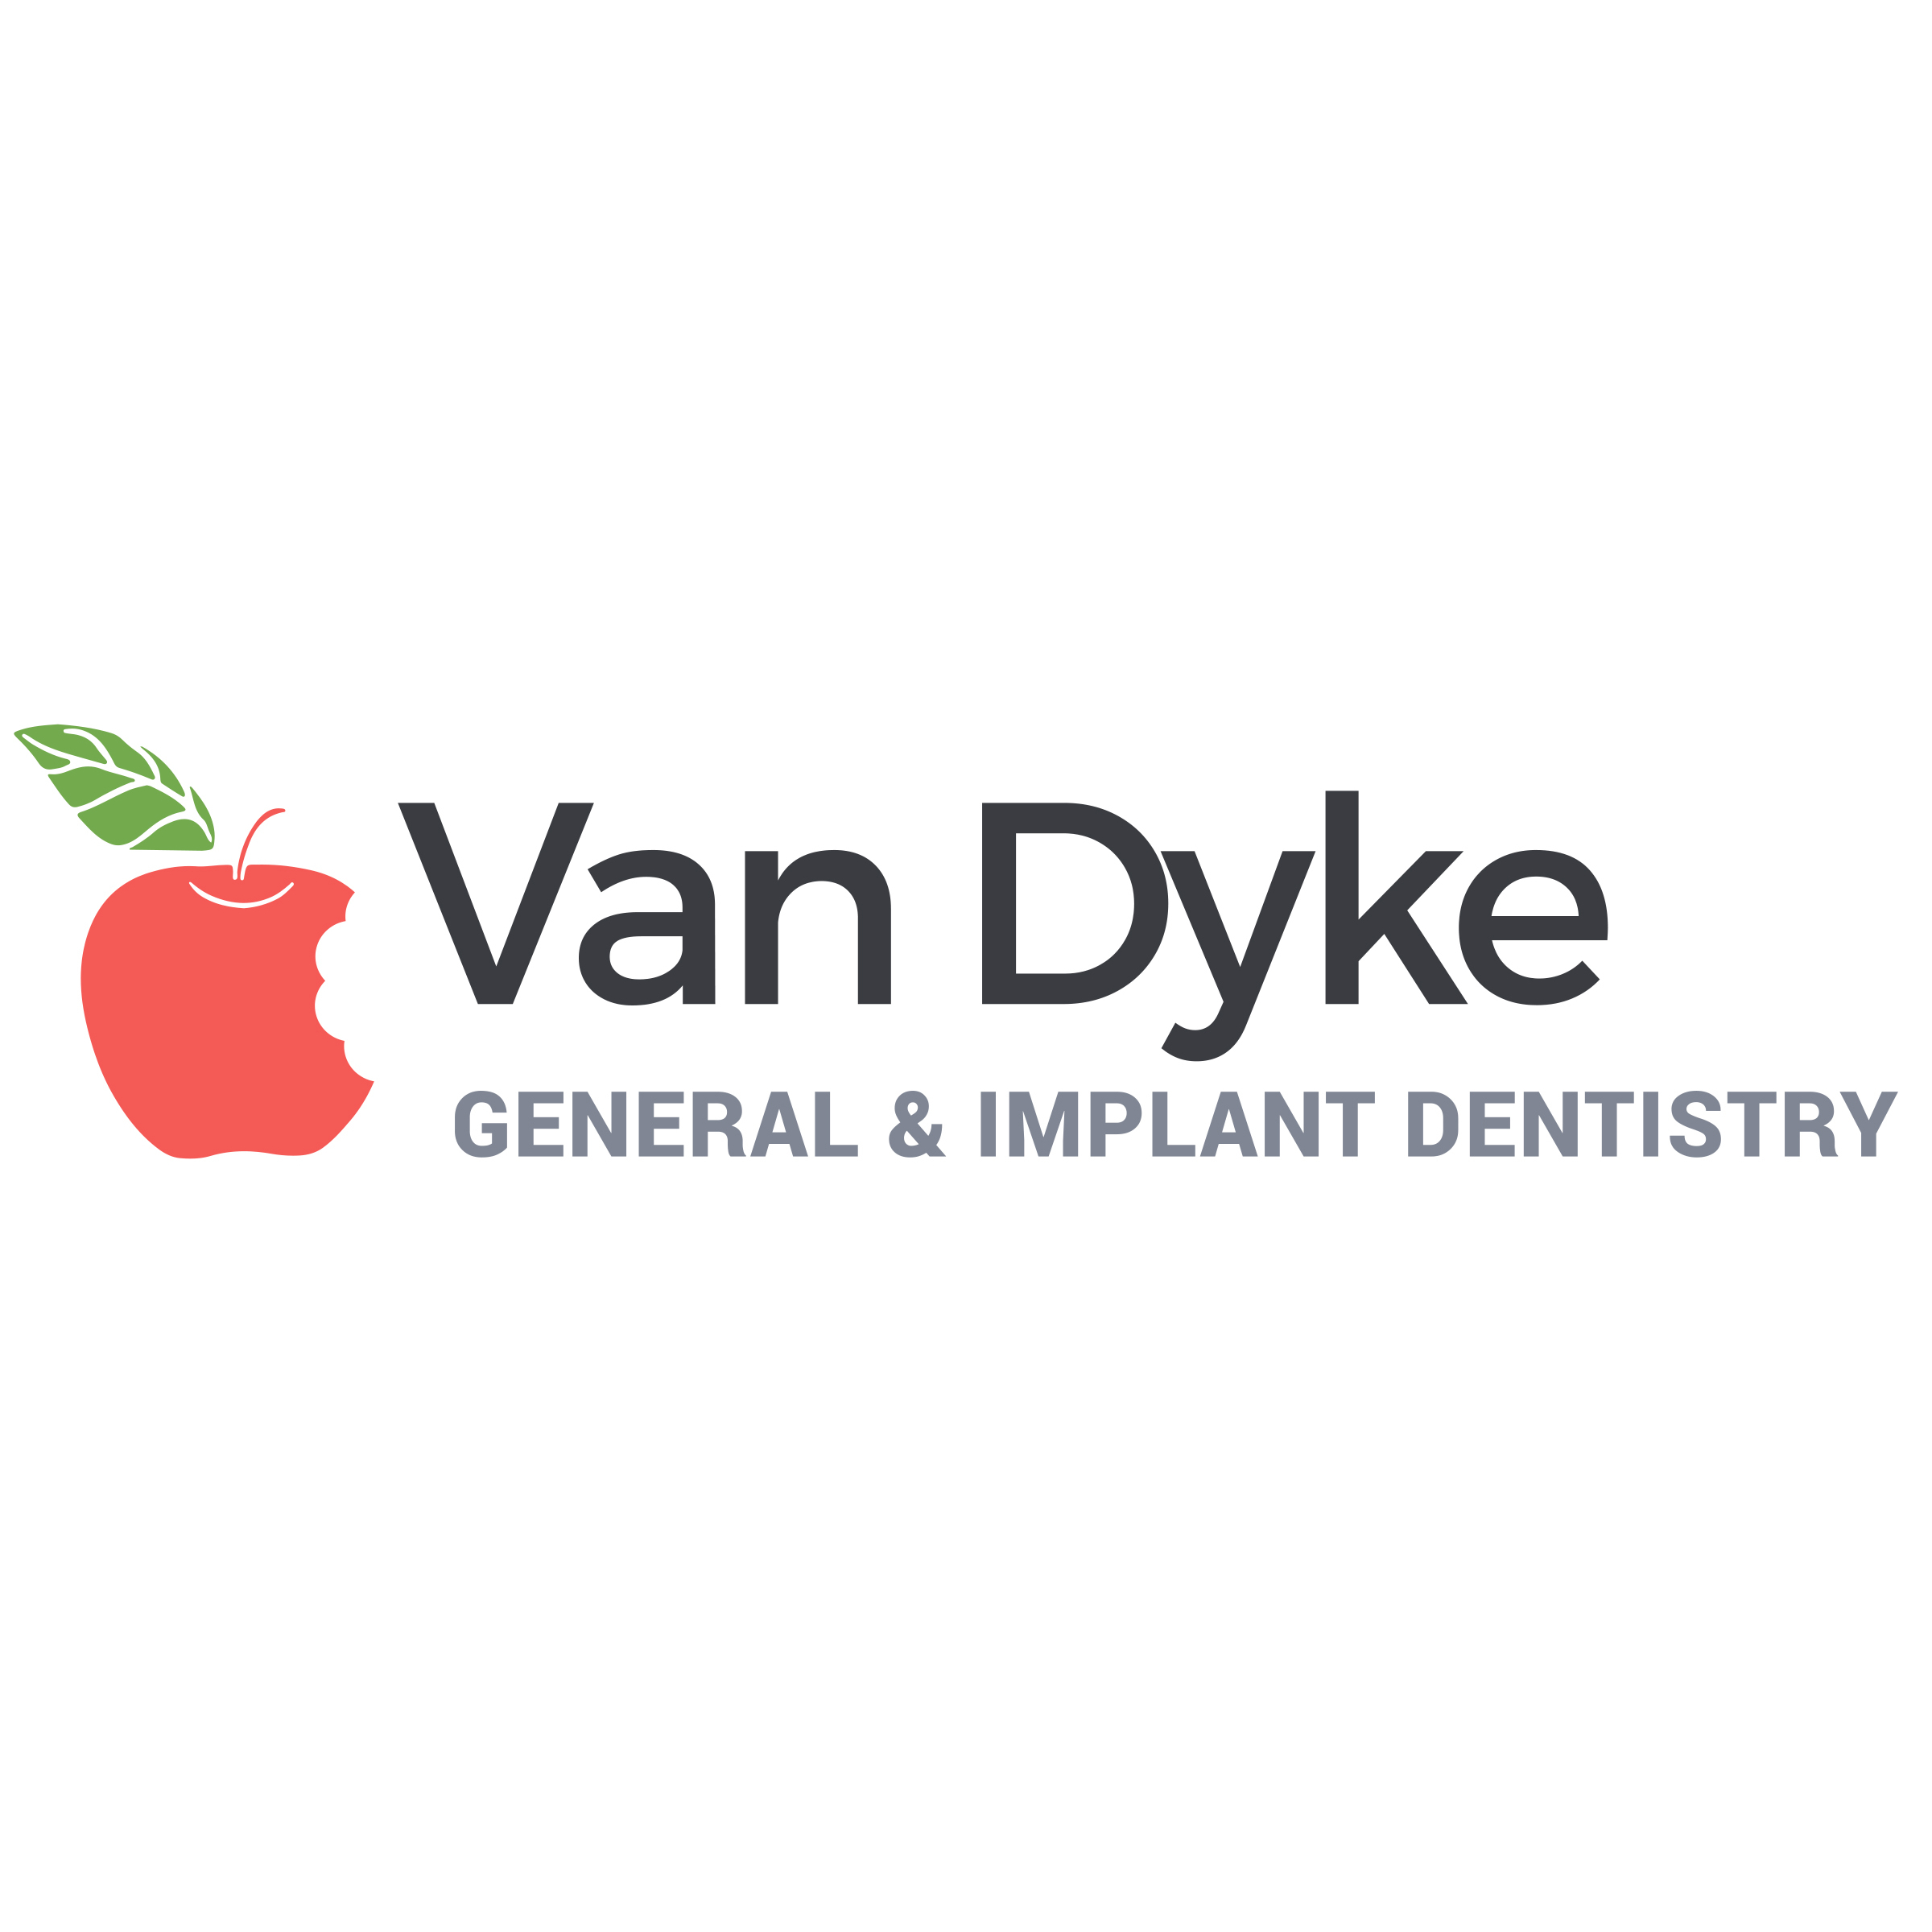 Van Dyke General & Implant Dentistry